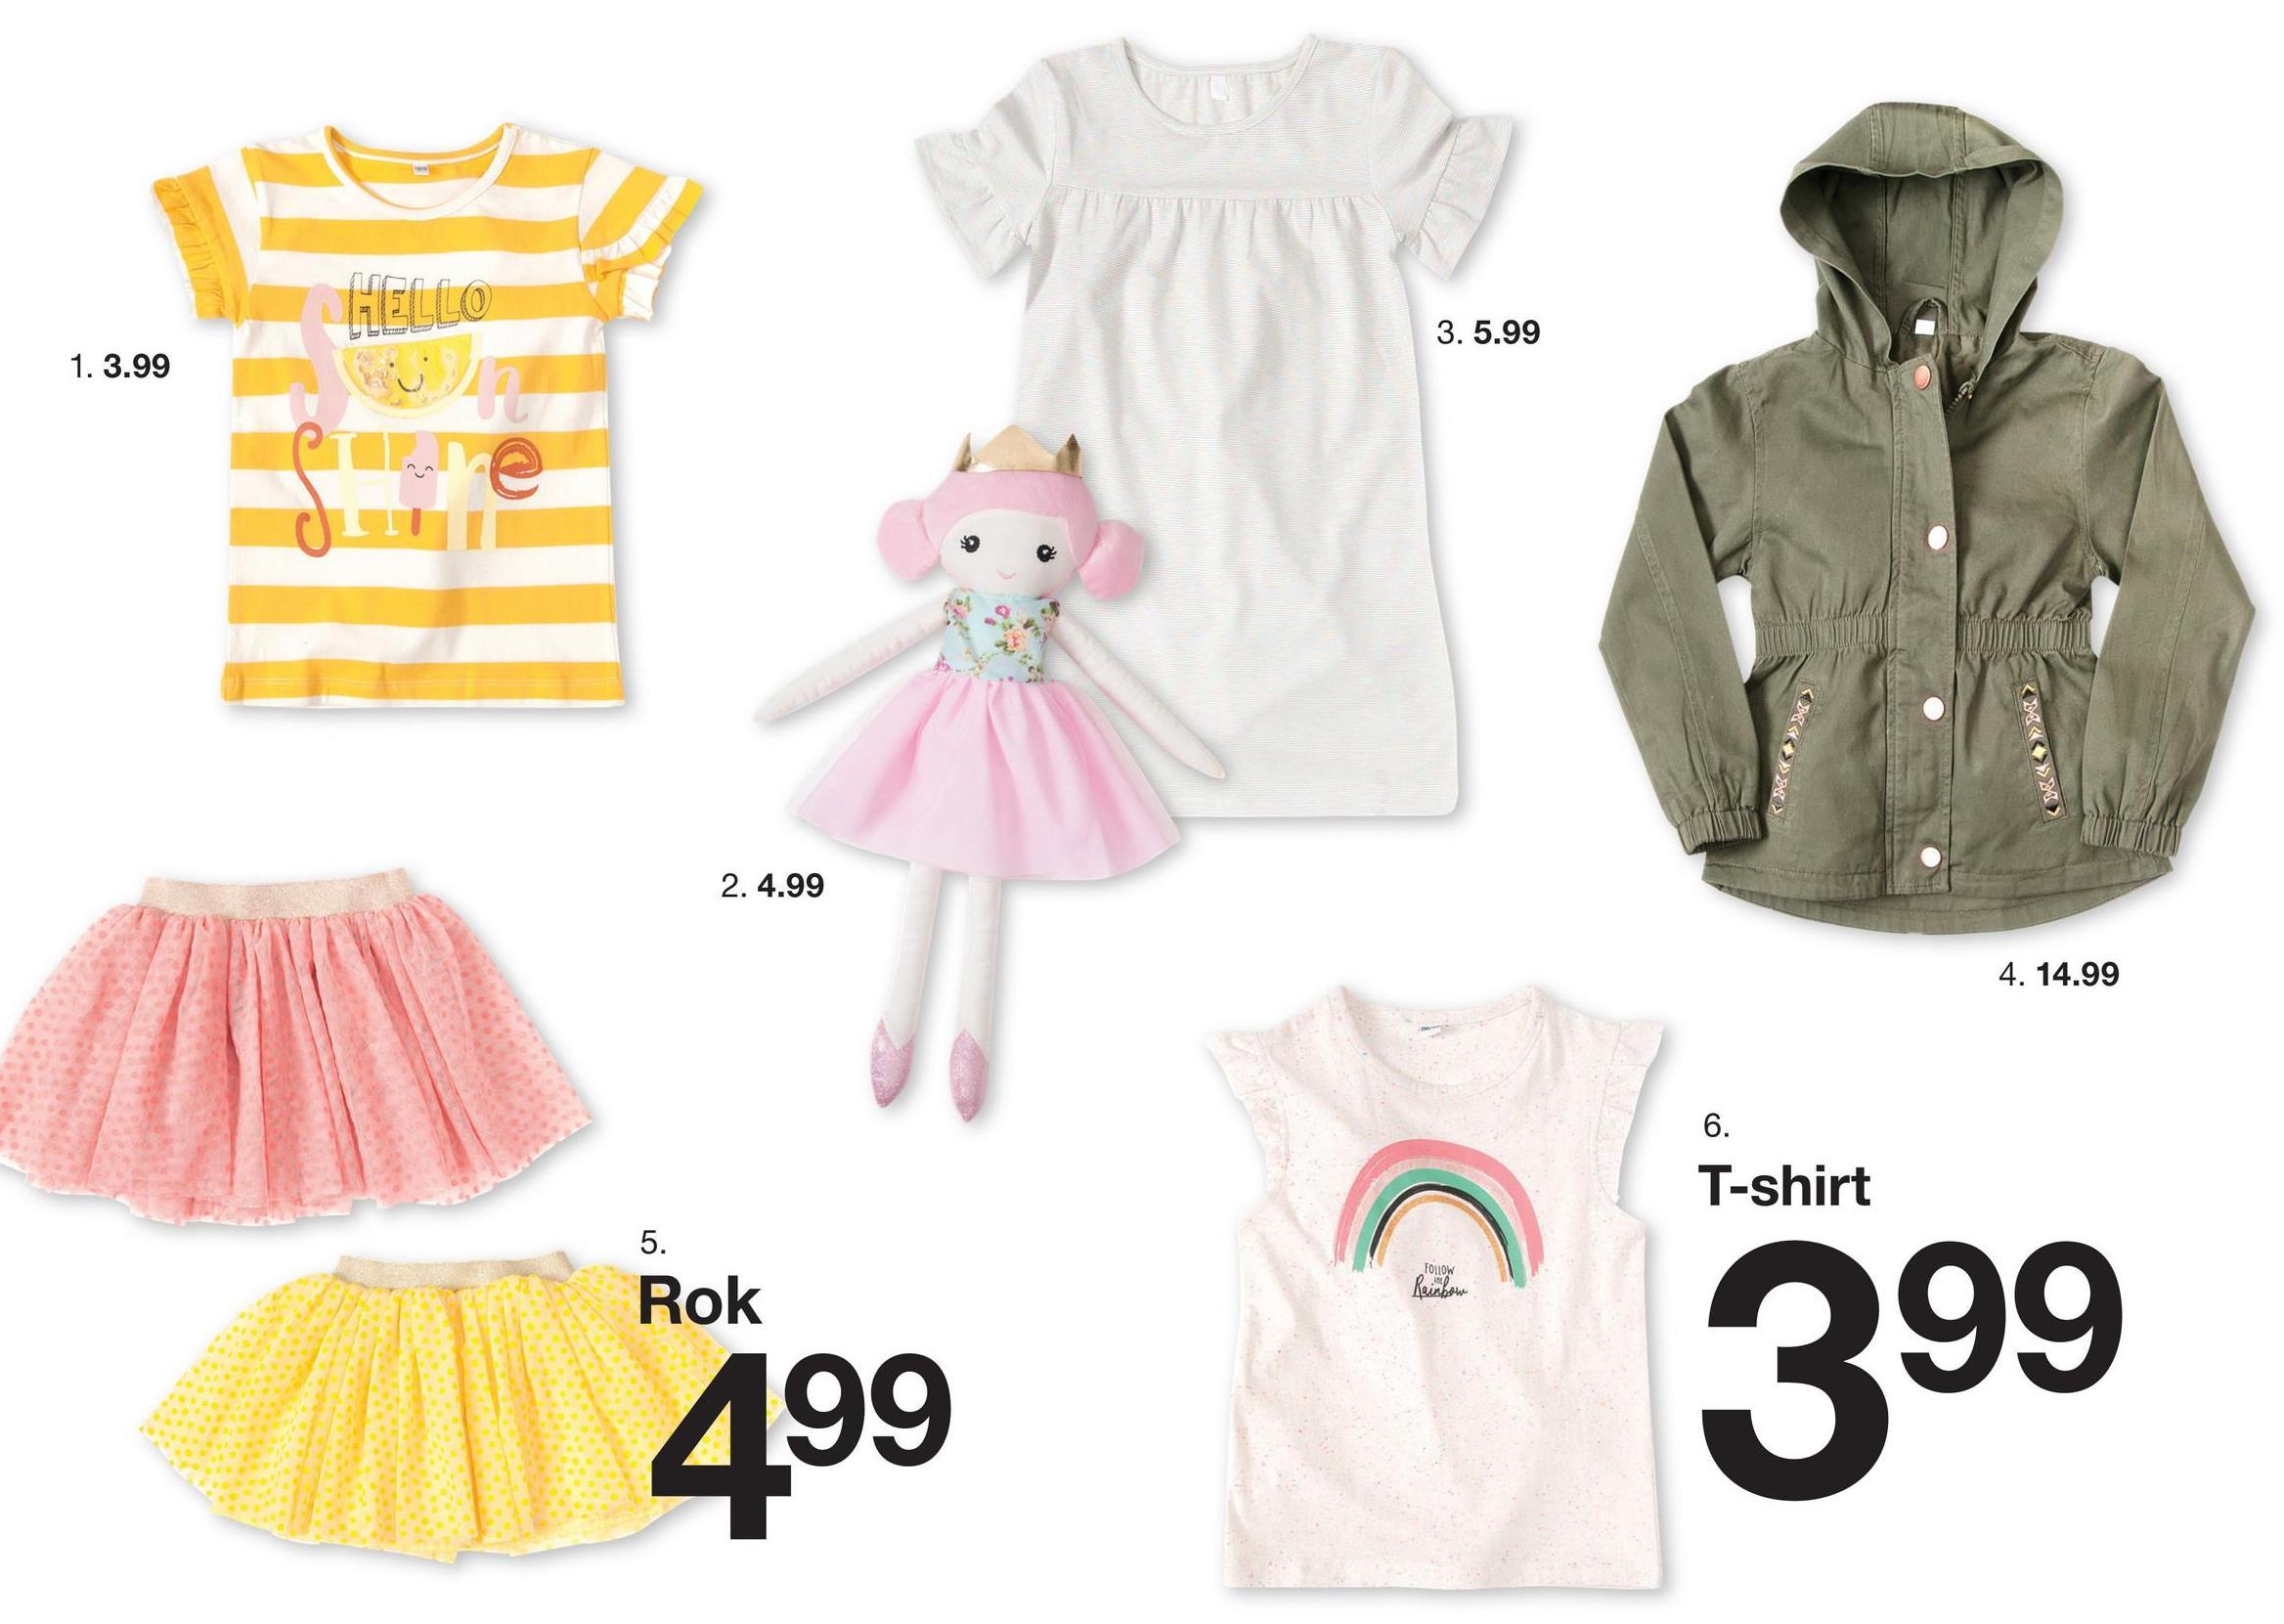 HELLO 3. 5.99 1. 3.99 >> << << >> V > 2. 4.99 4. 14.99 T-shirt FOLLOW Rainbow ok 399